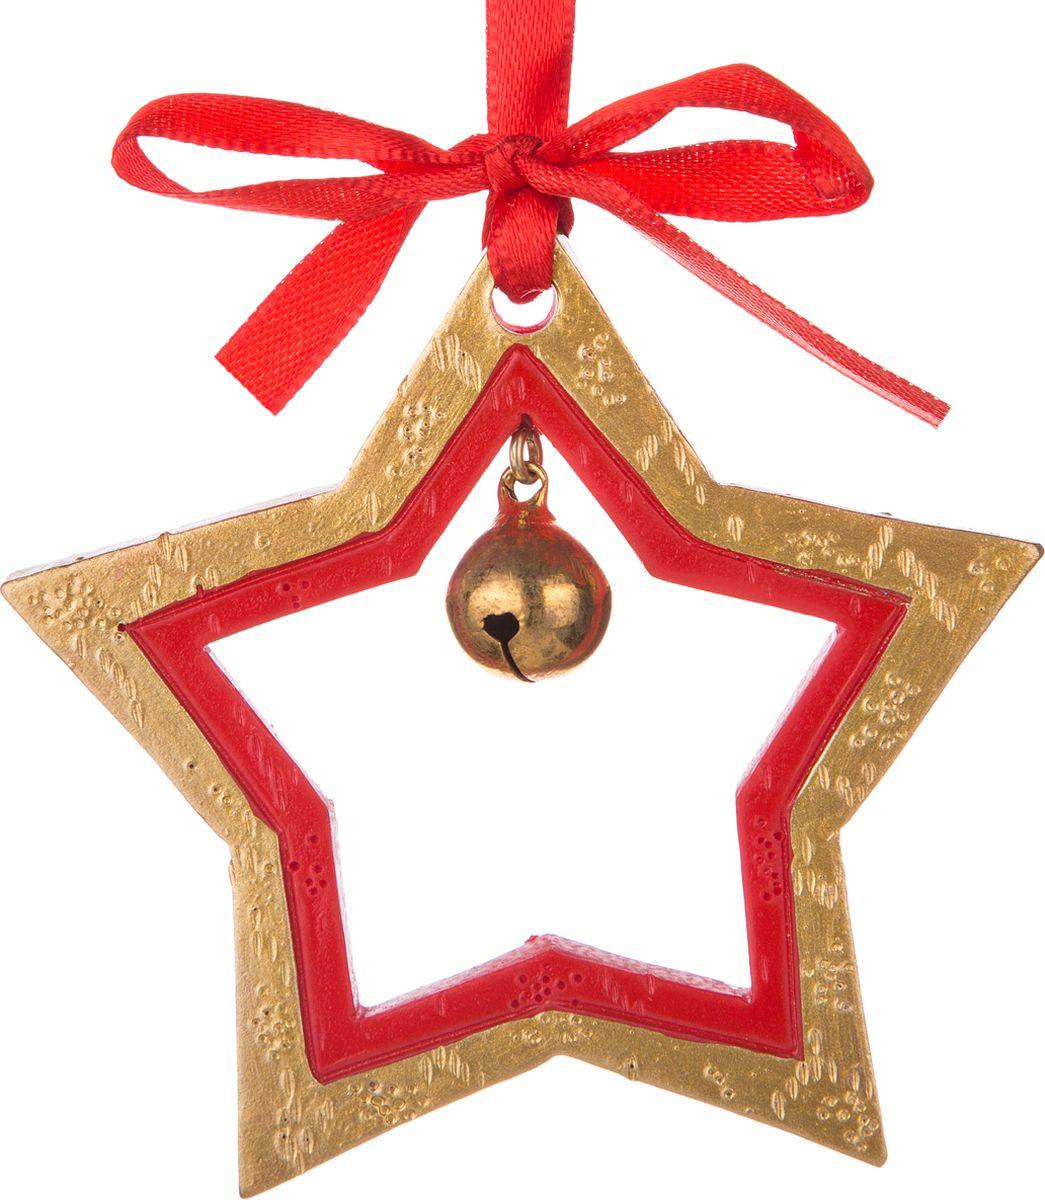 Подвесное украшение Lefard Колокольчики, 8 х 5,5 х 1 см. HY04-82494B-5 декоративное украшение lefard колокольчики 8 5 5 1 см красный